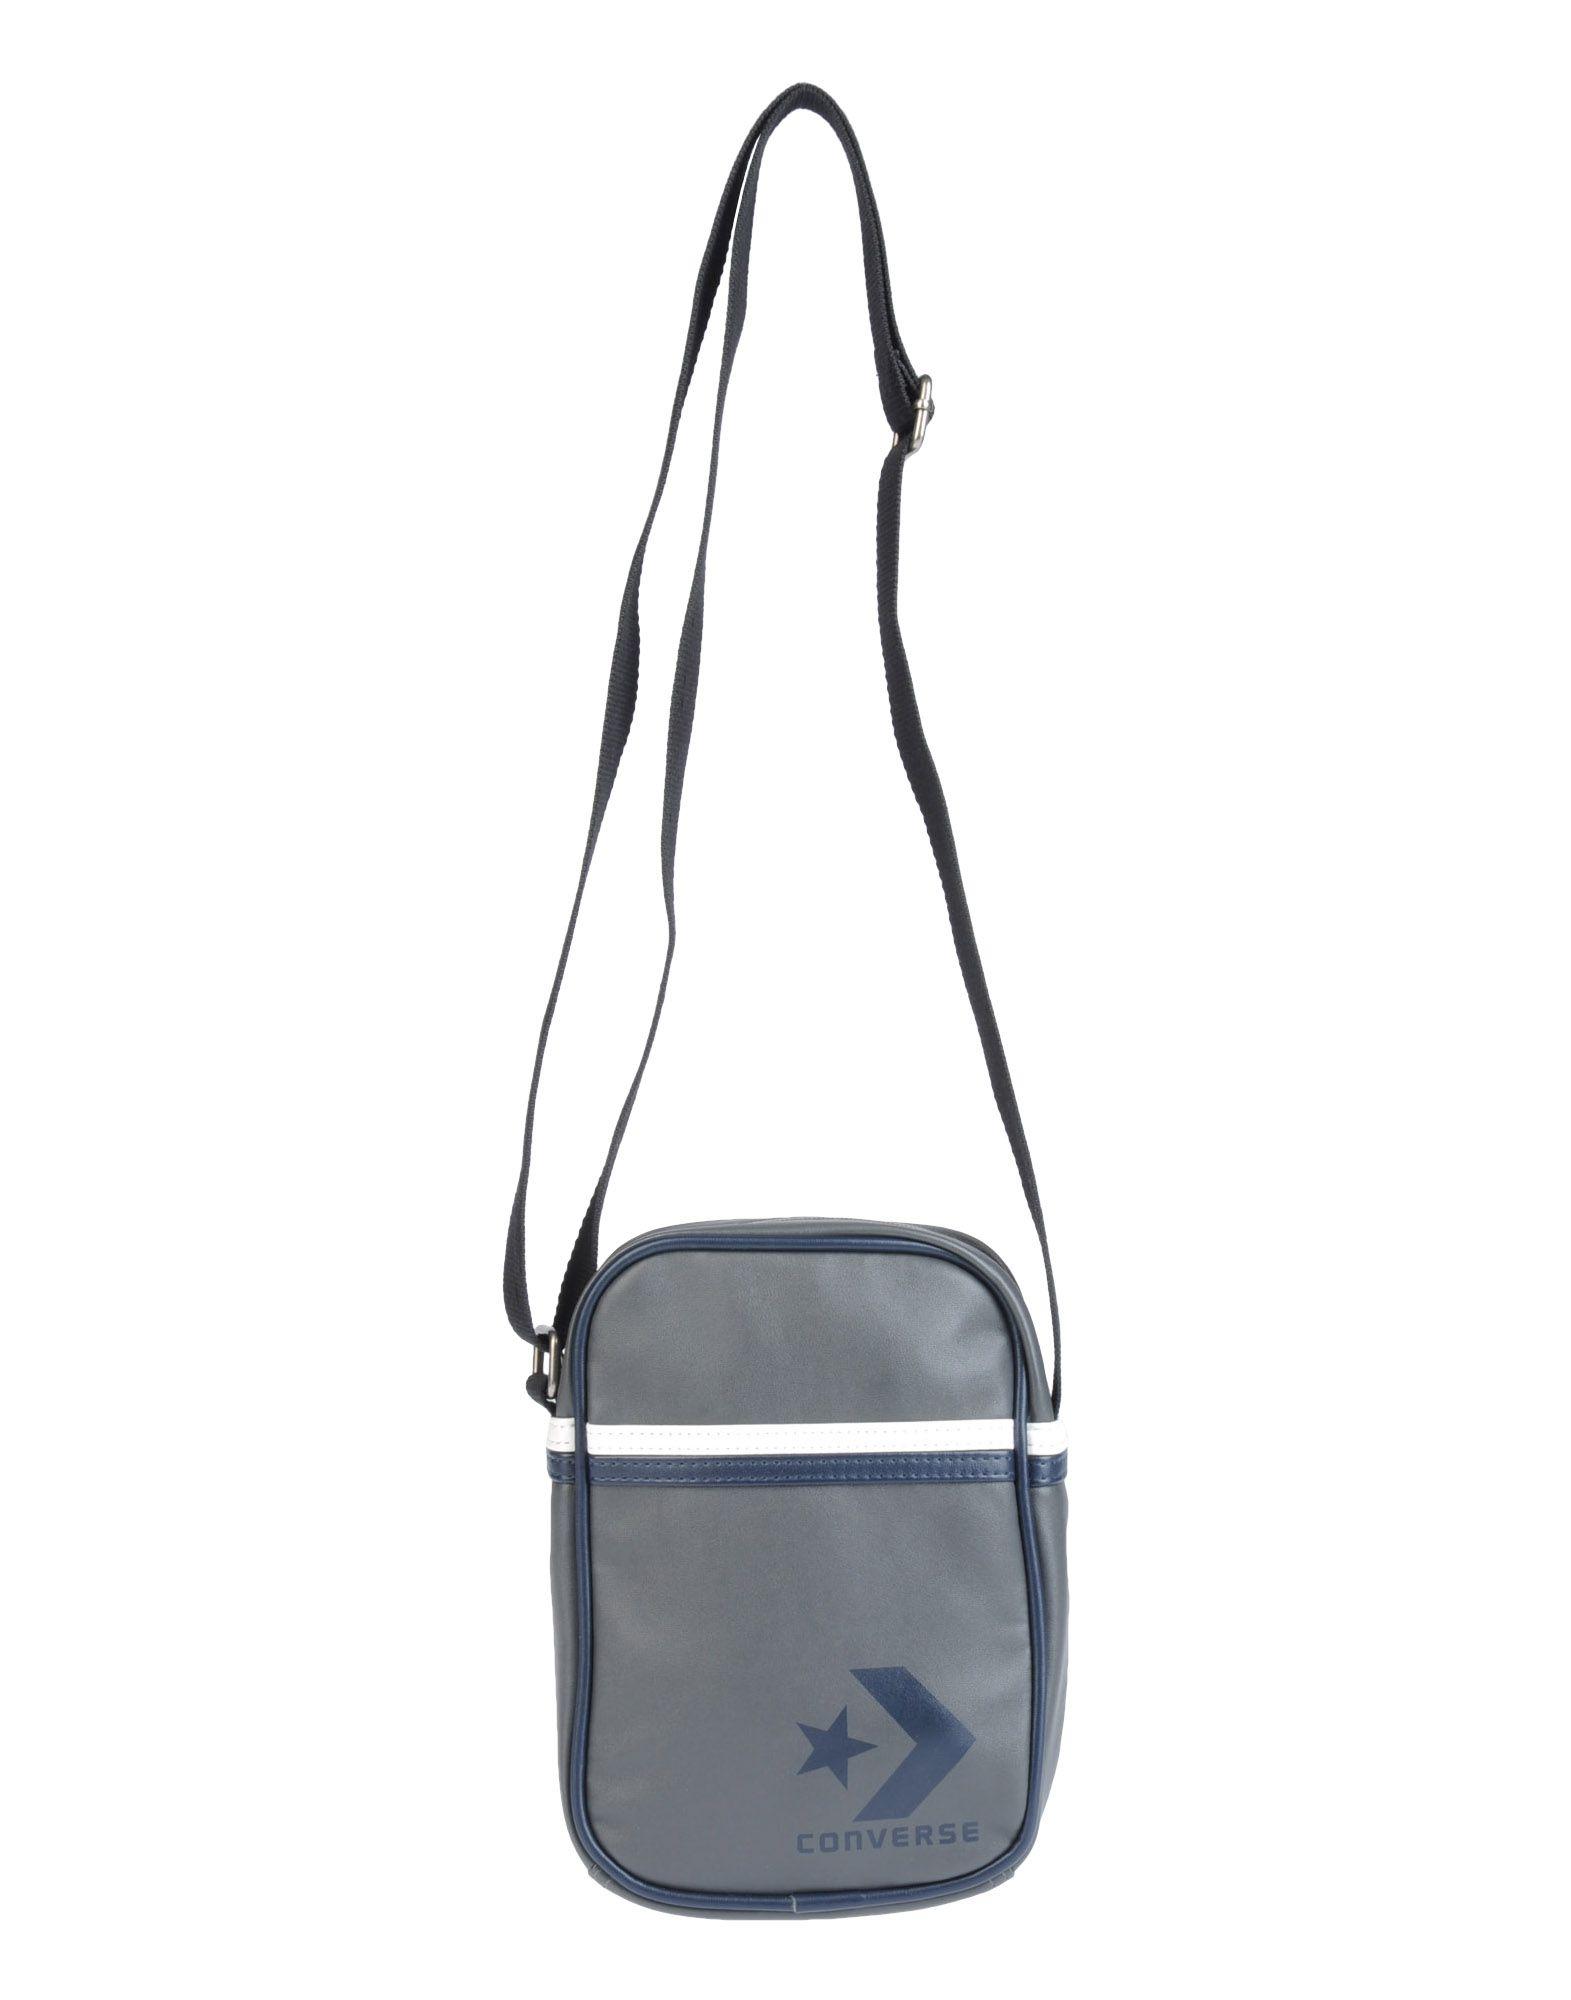 e23c6e47982 Lyst - Converse Small Fabric Bag in Gray for Men